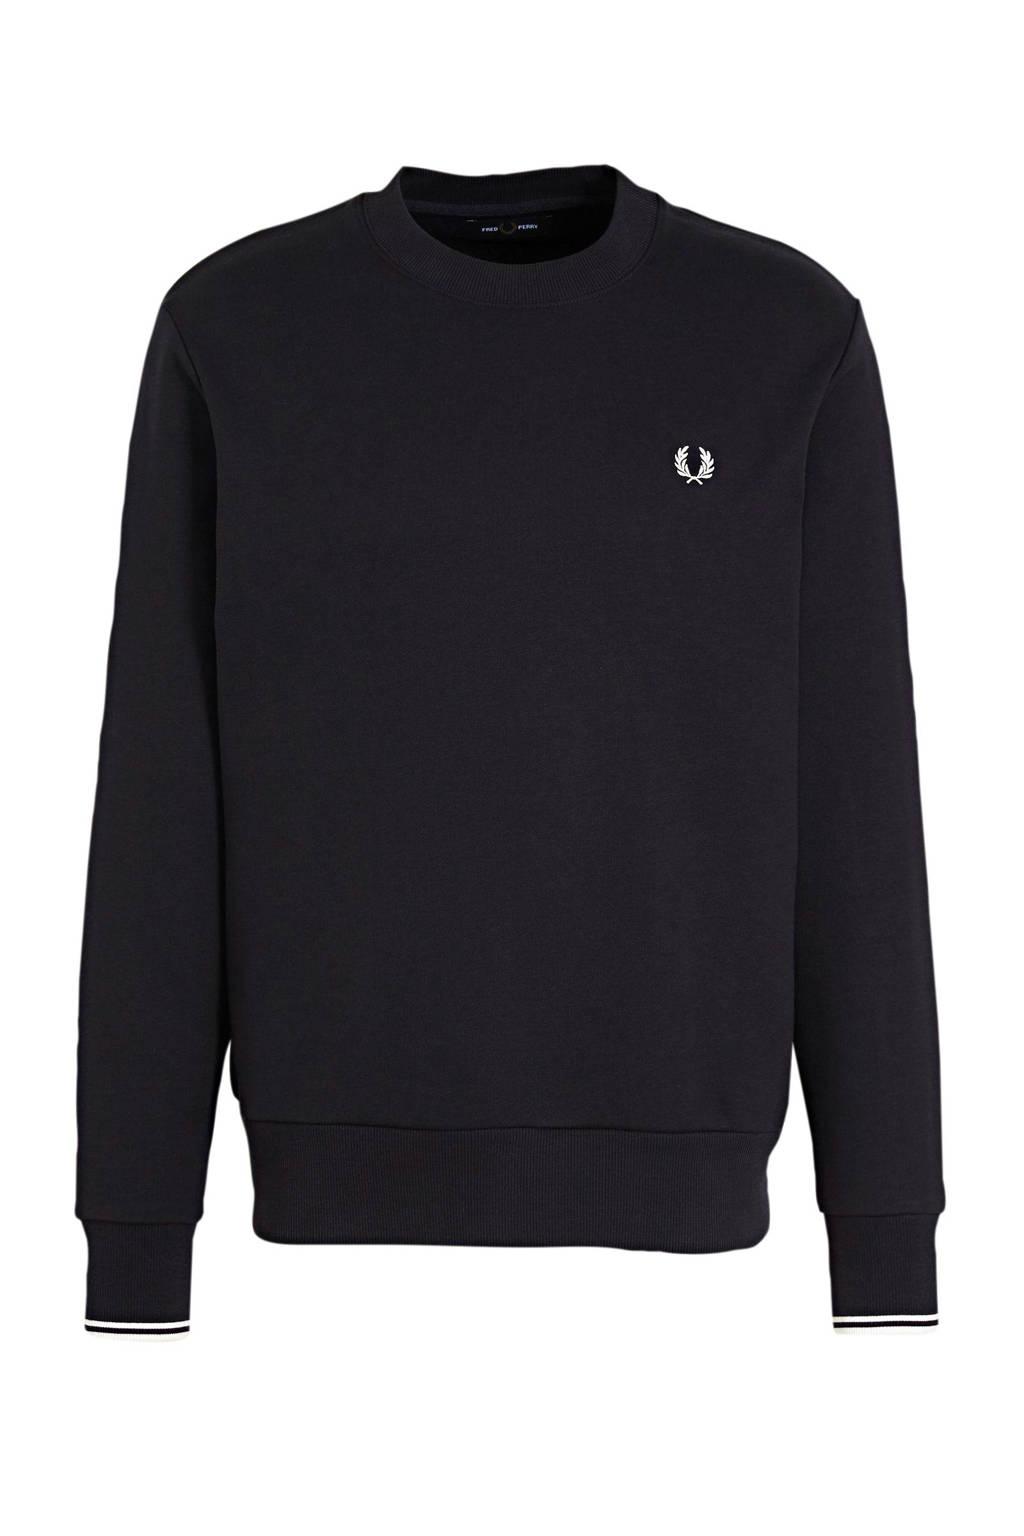 Fred Perry sweater zwart, Zwart